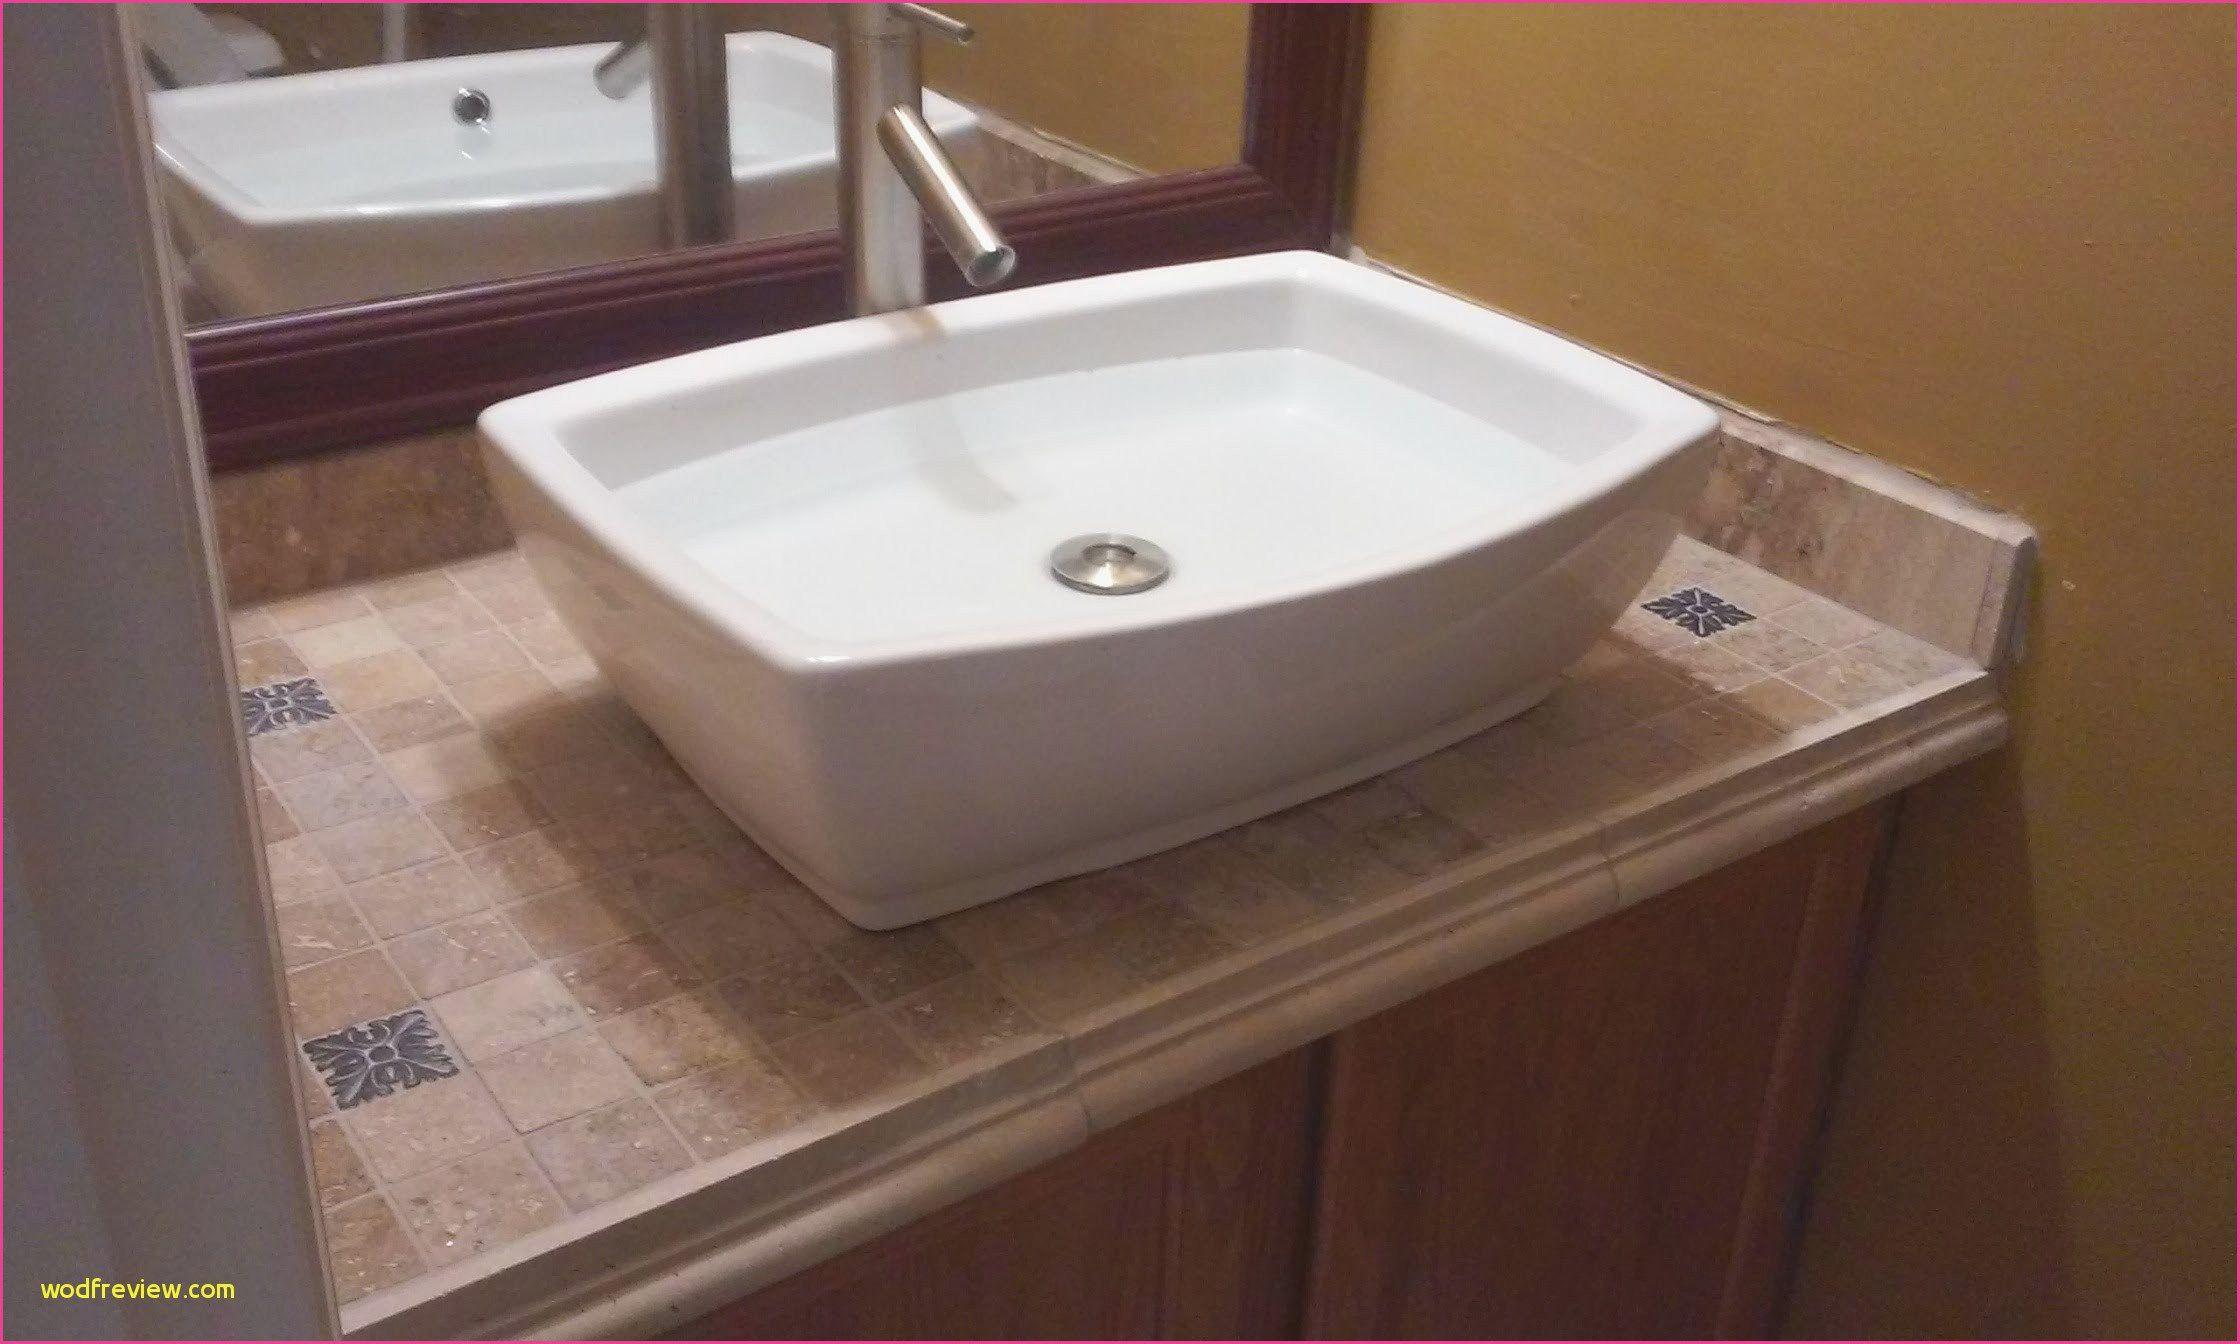 Bathroom Vanities Without Tops Sinks Bathroom Vanities Without Tops Bathroom Vanity Tops Modern Bathroom Decor